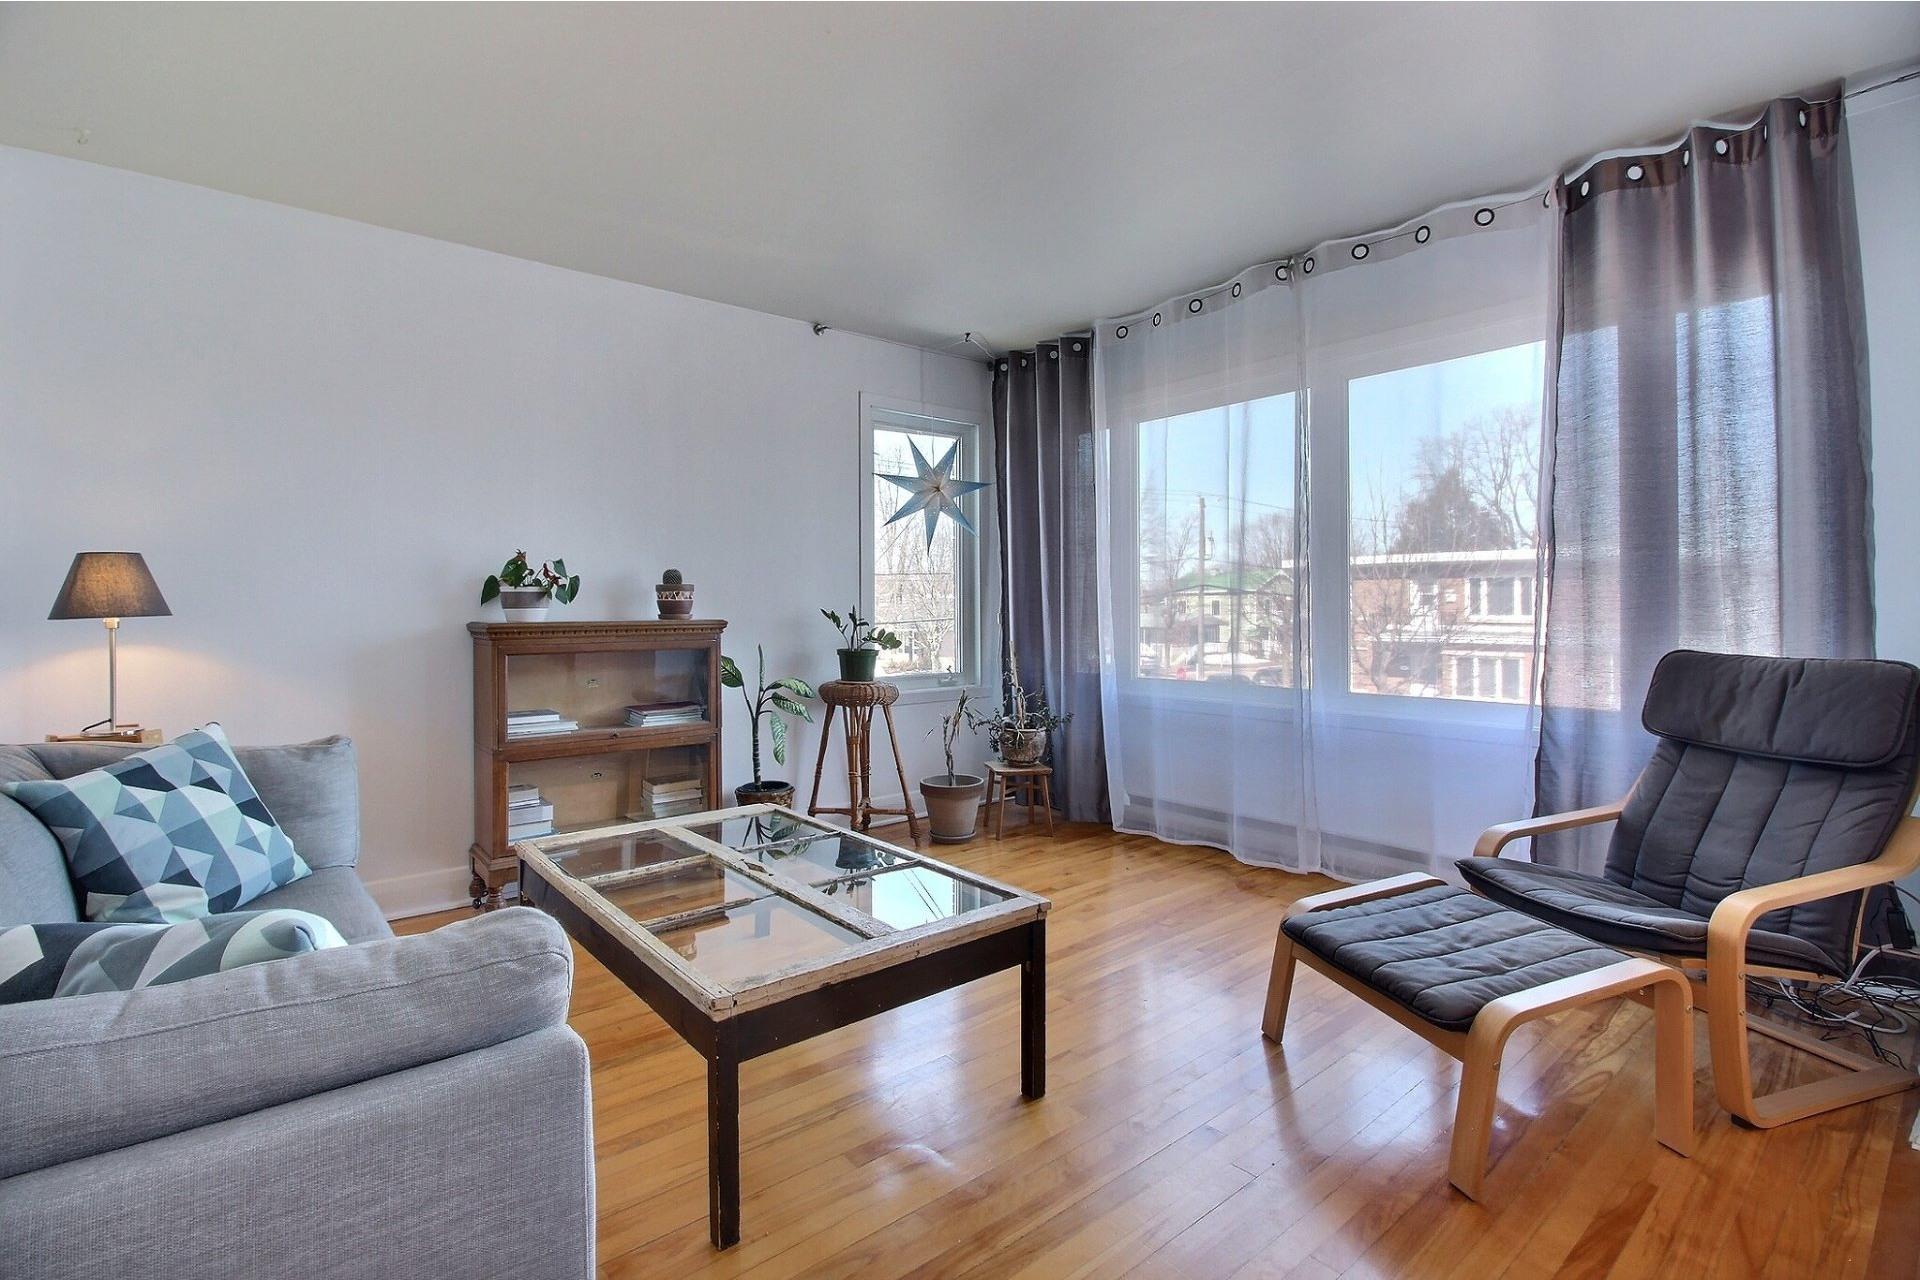 image 7 - Duplex For sale Joliette - 5 rooms